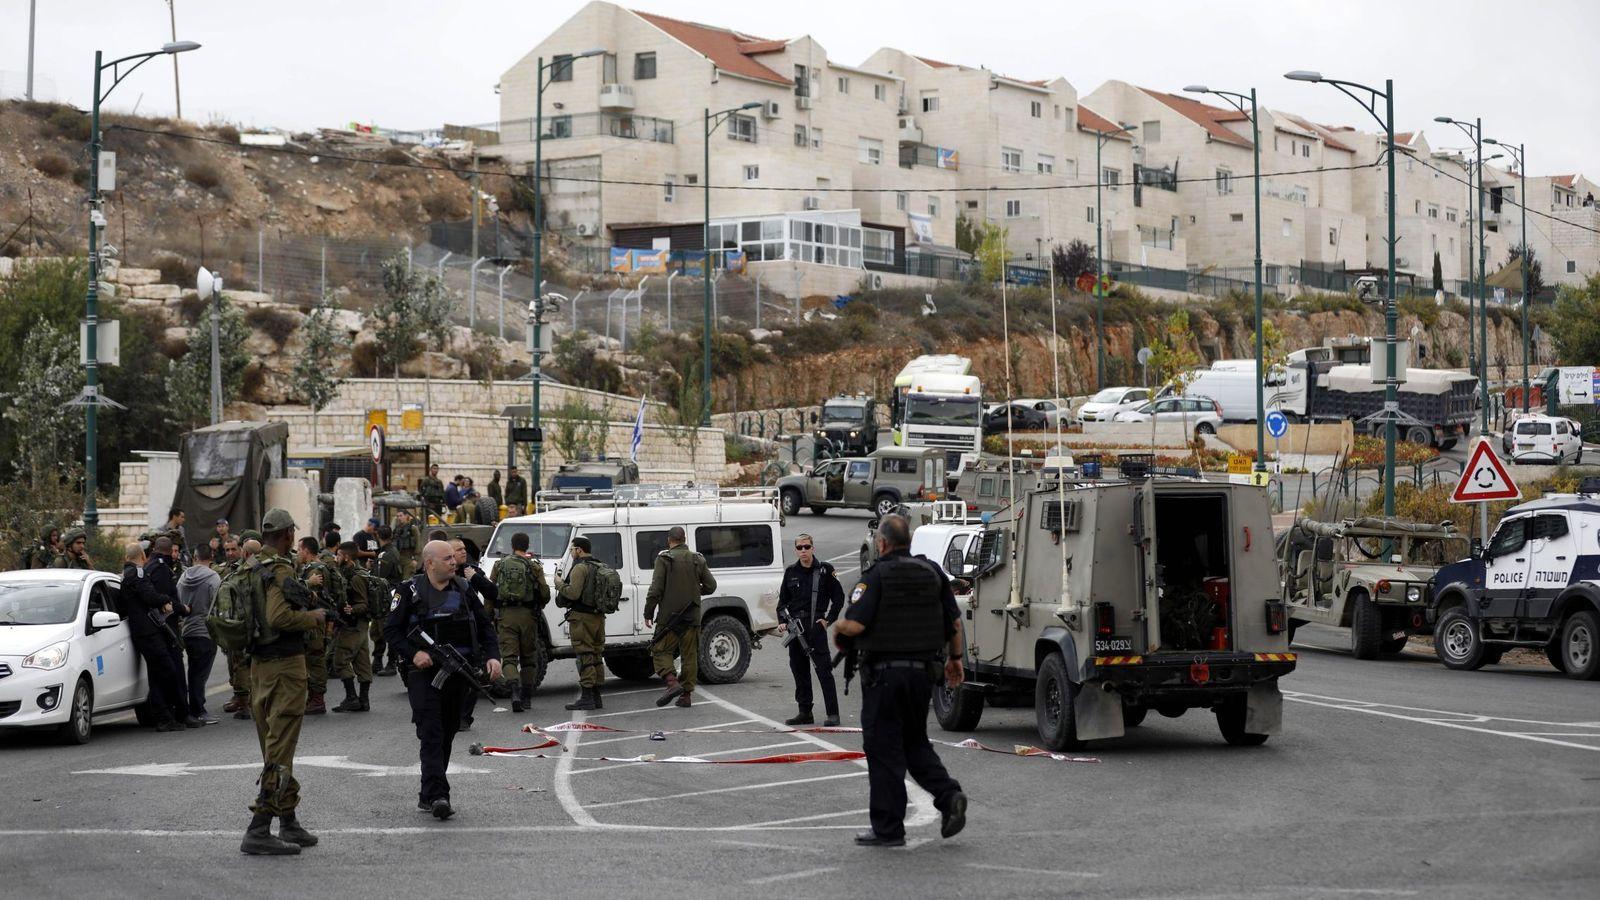 Foto: Los territorios ocupados de Cisjordania son fuente de disputa continua (EFE/Abed Al Hashlamoun)